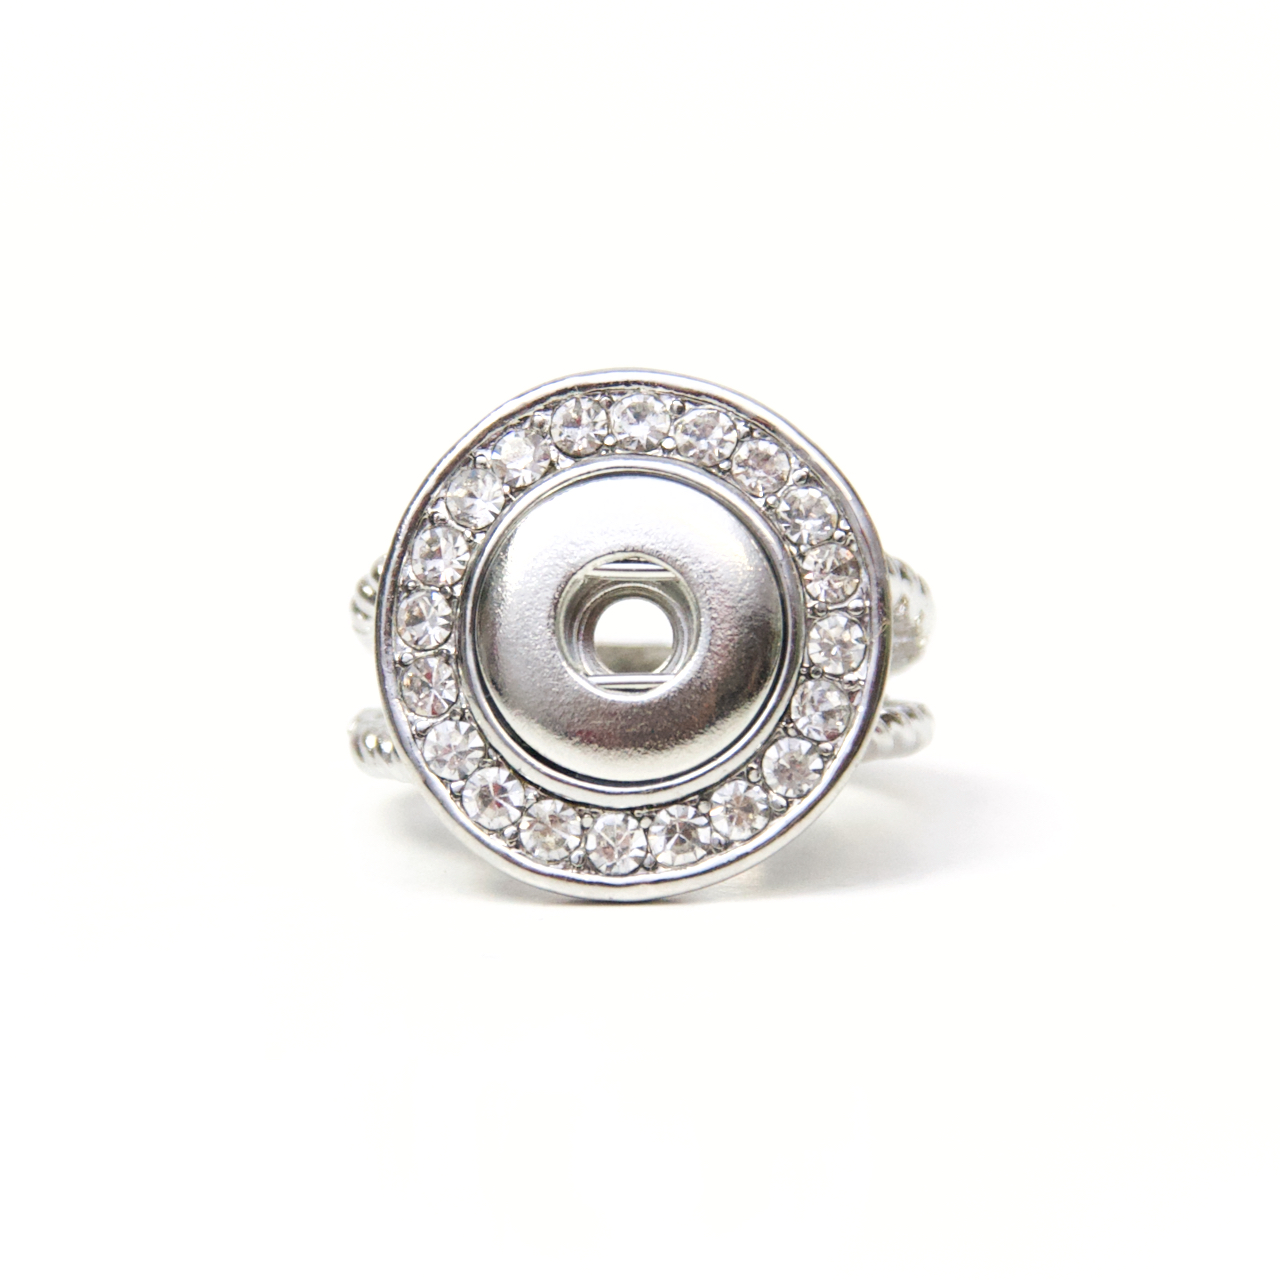 Druckknopf Ring mit Strass für 10mm Druckknopf